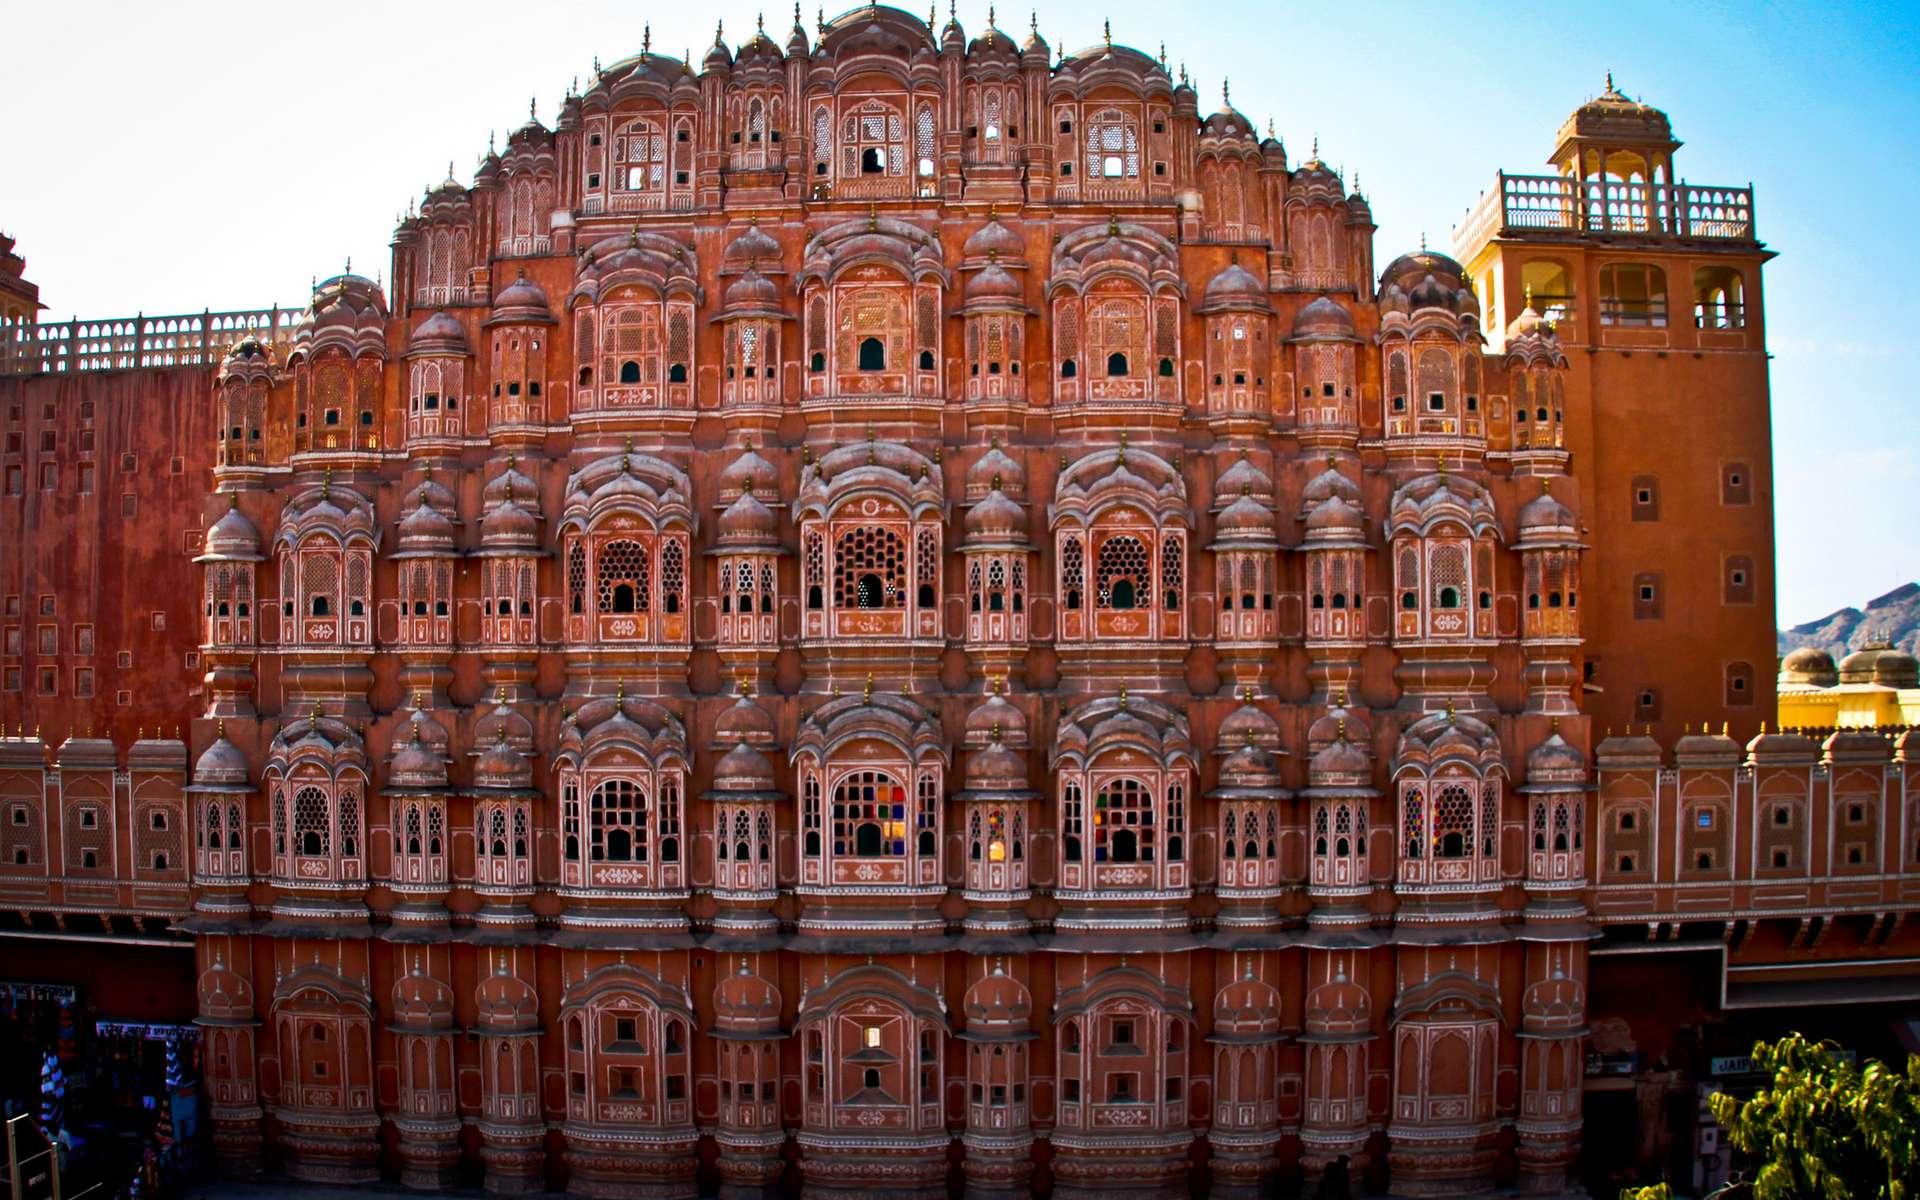 Le Palais des vents à Jaipur, 22e plus beau monument du monde. © Nico Crisafulli, Flickr